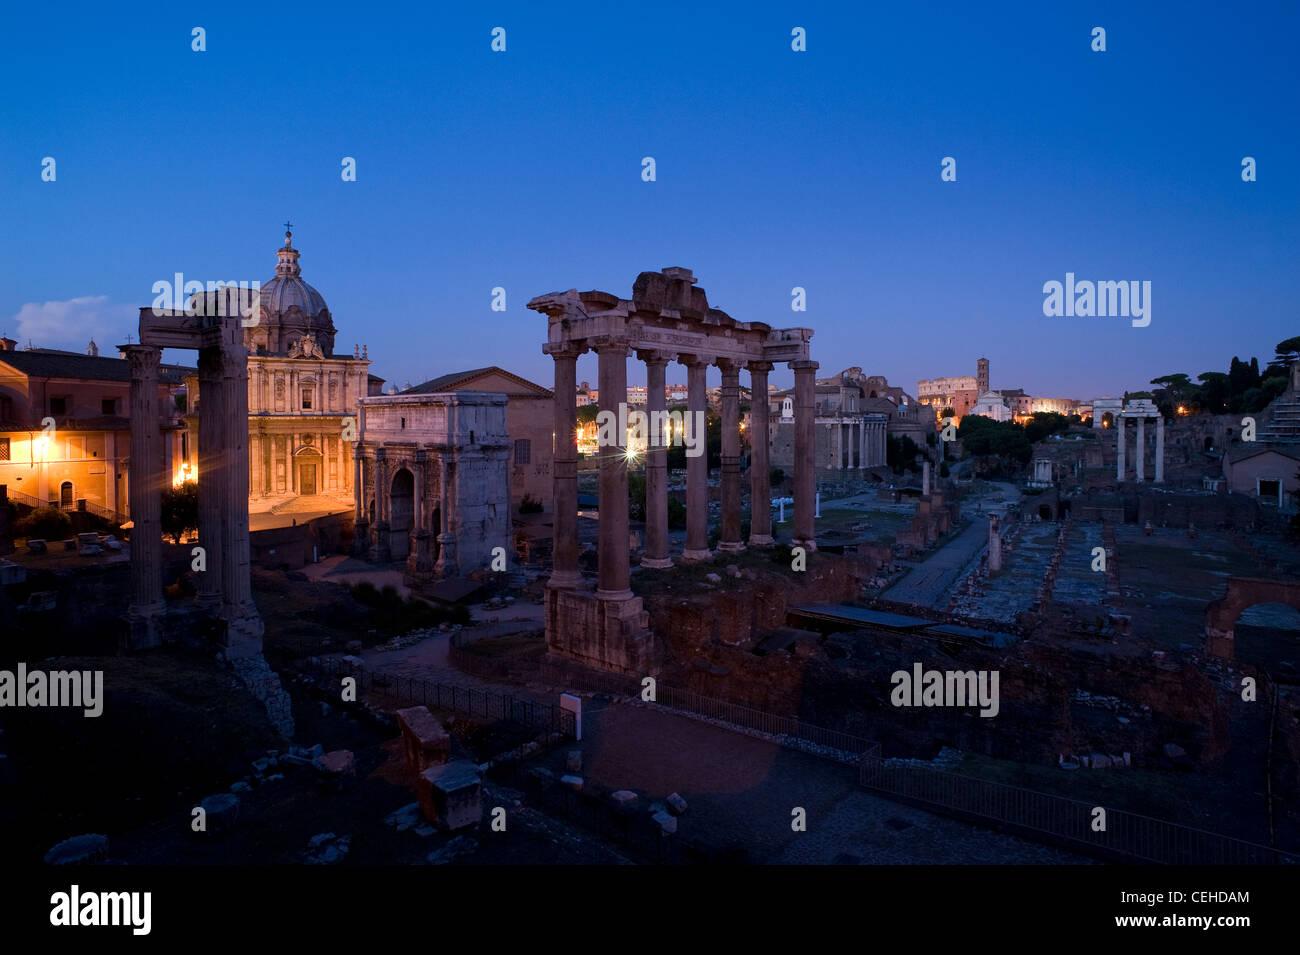 Roman Forum in the evening light, Rome, Latium, Italy - Stock Image